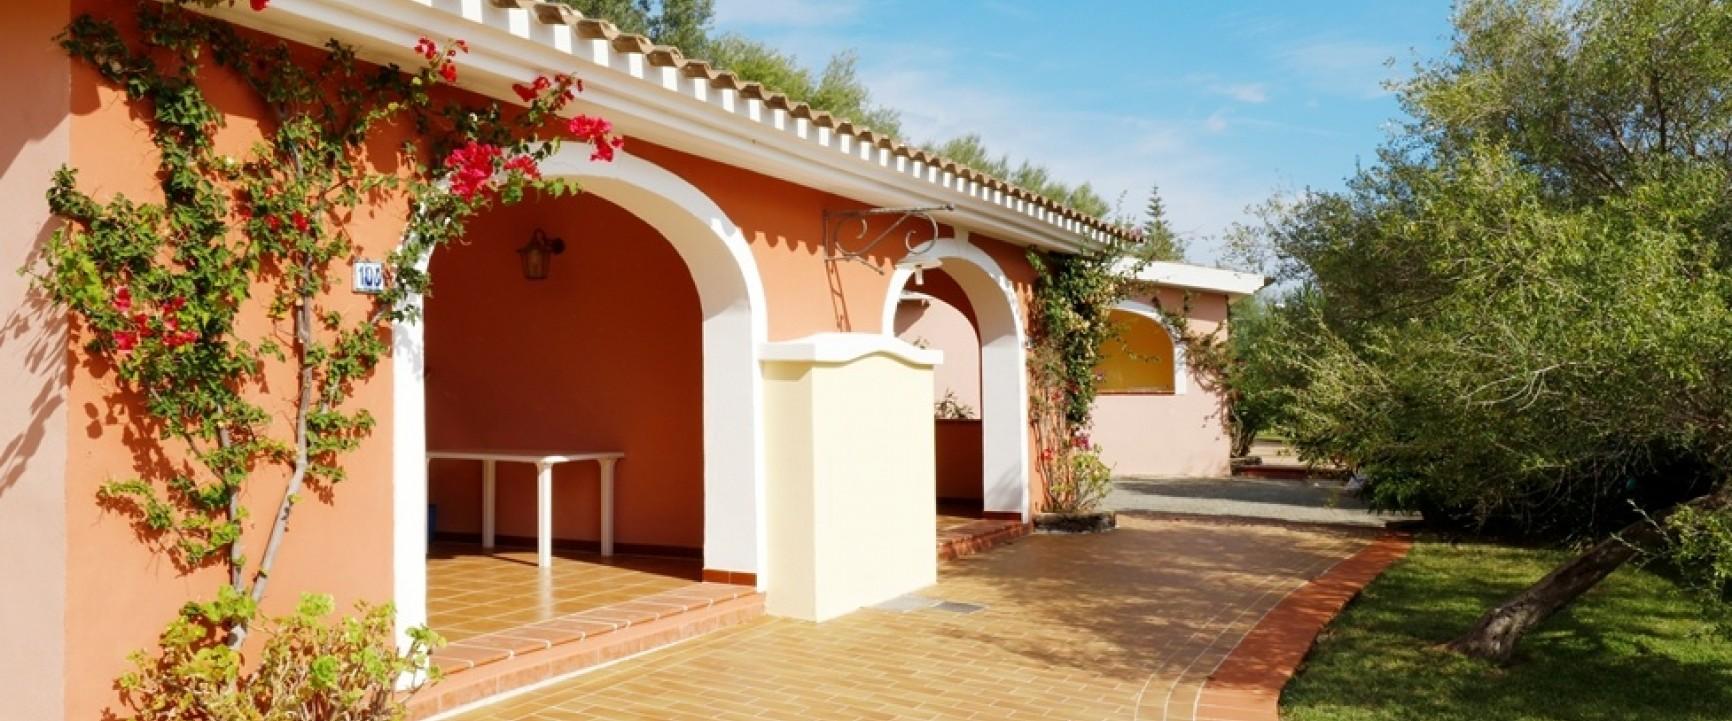 Villaggio Alba Dorata